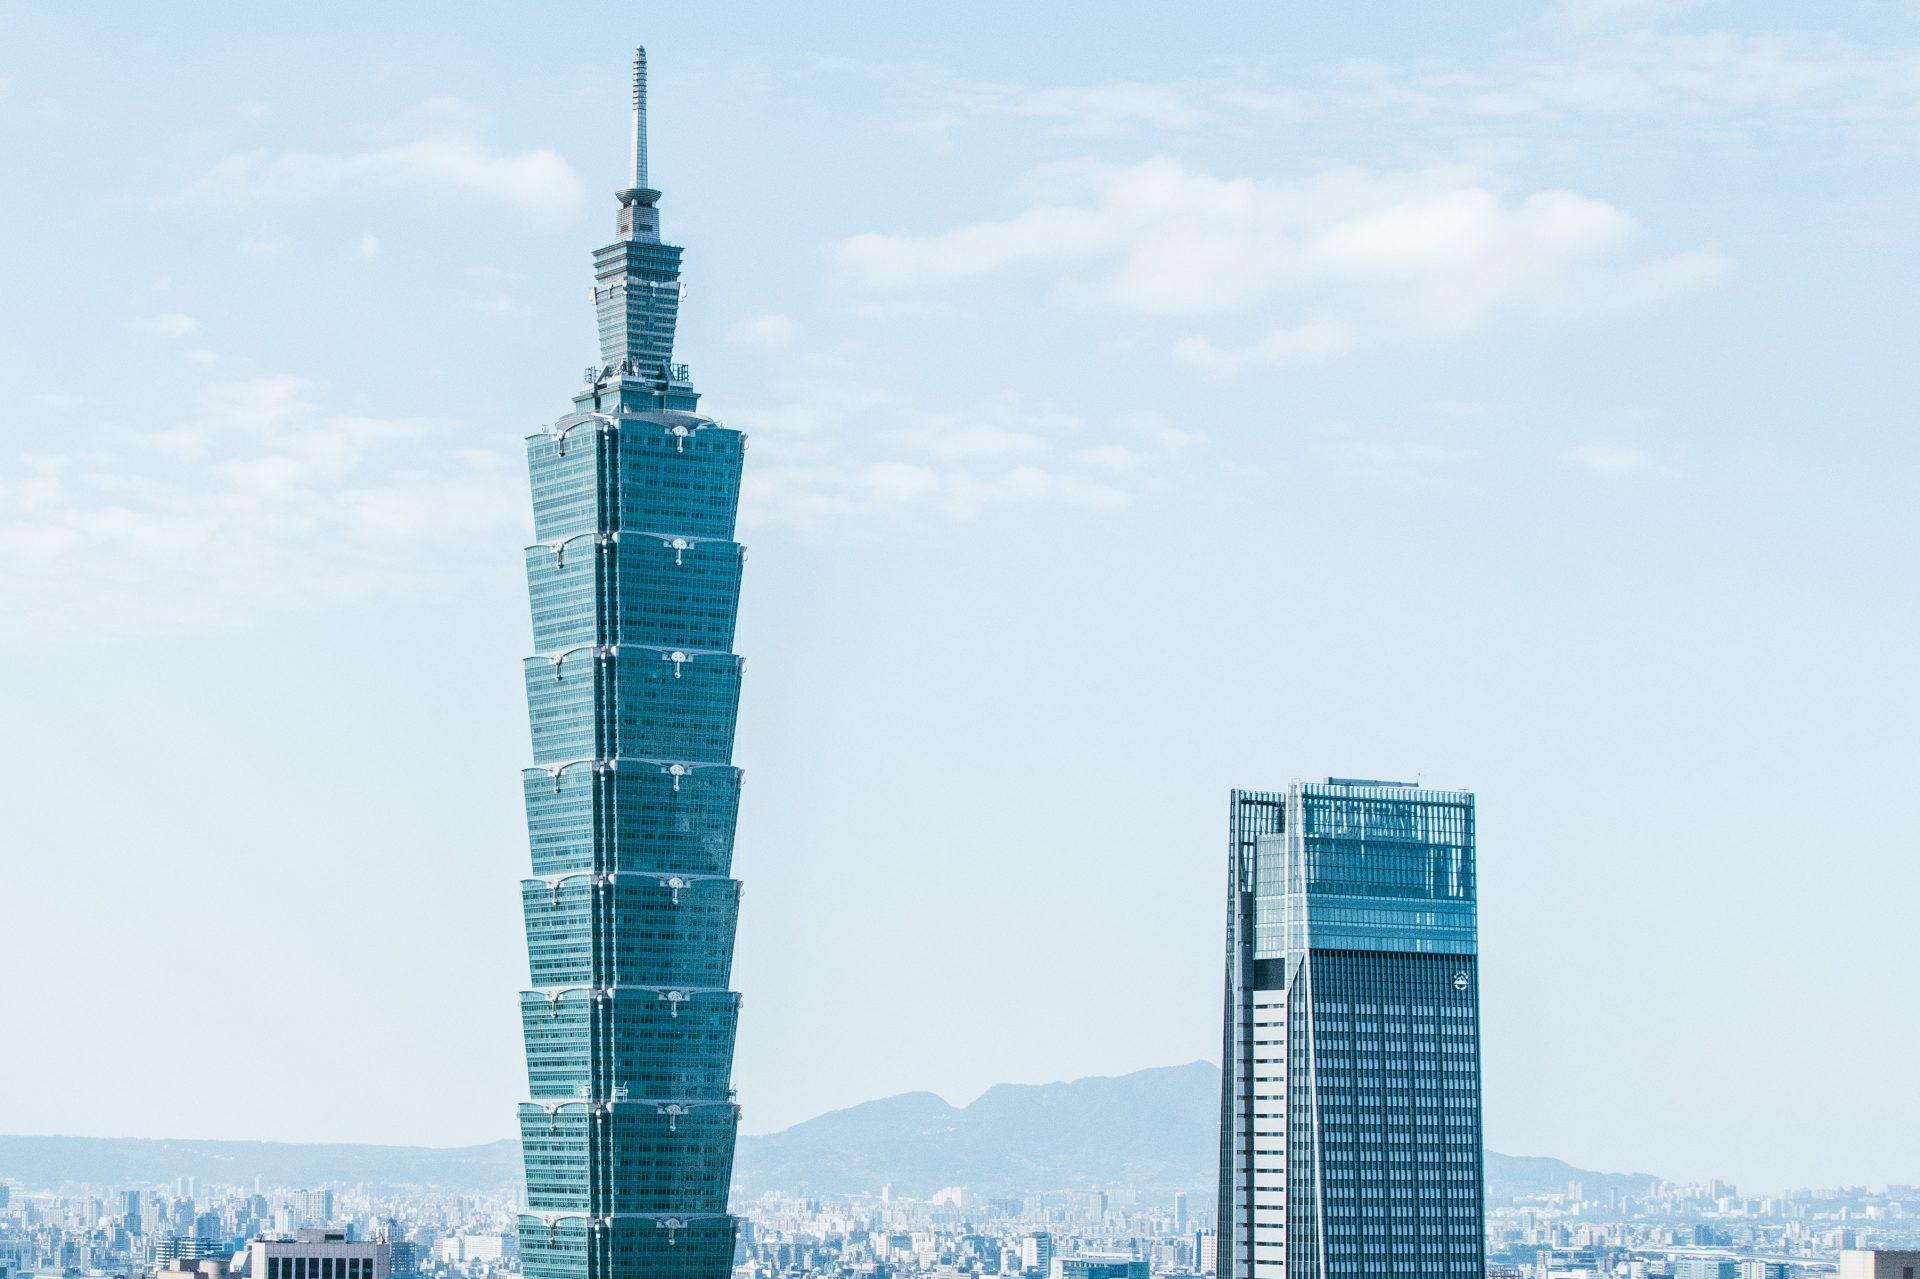 台北駐在員の生活費を考察①(海外引越よもやま話)